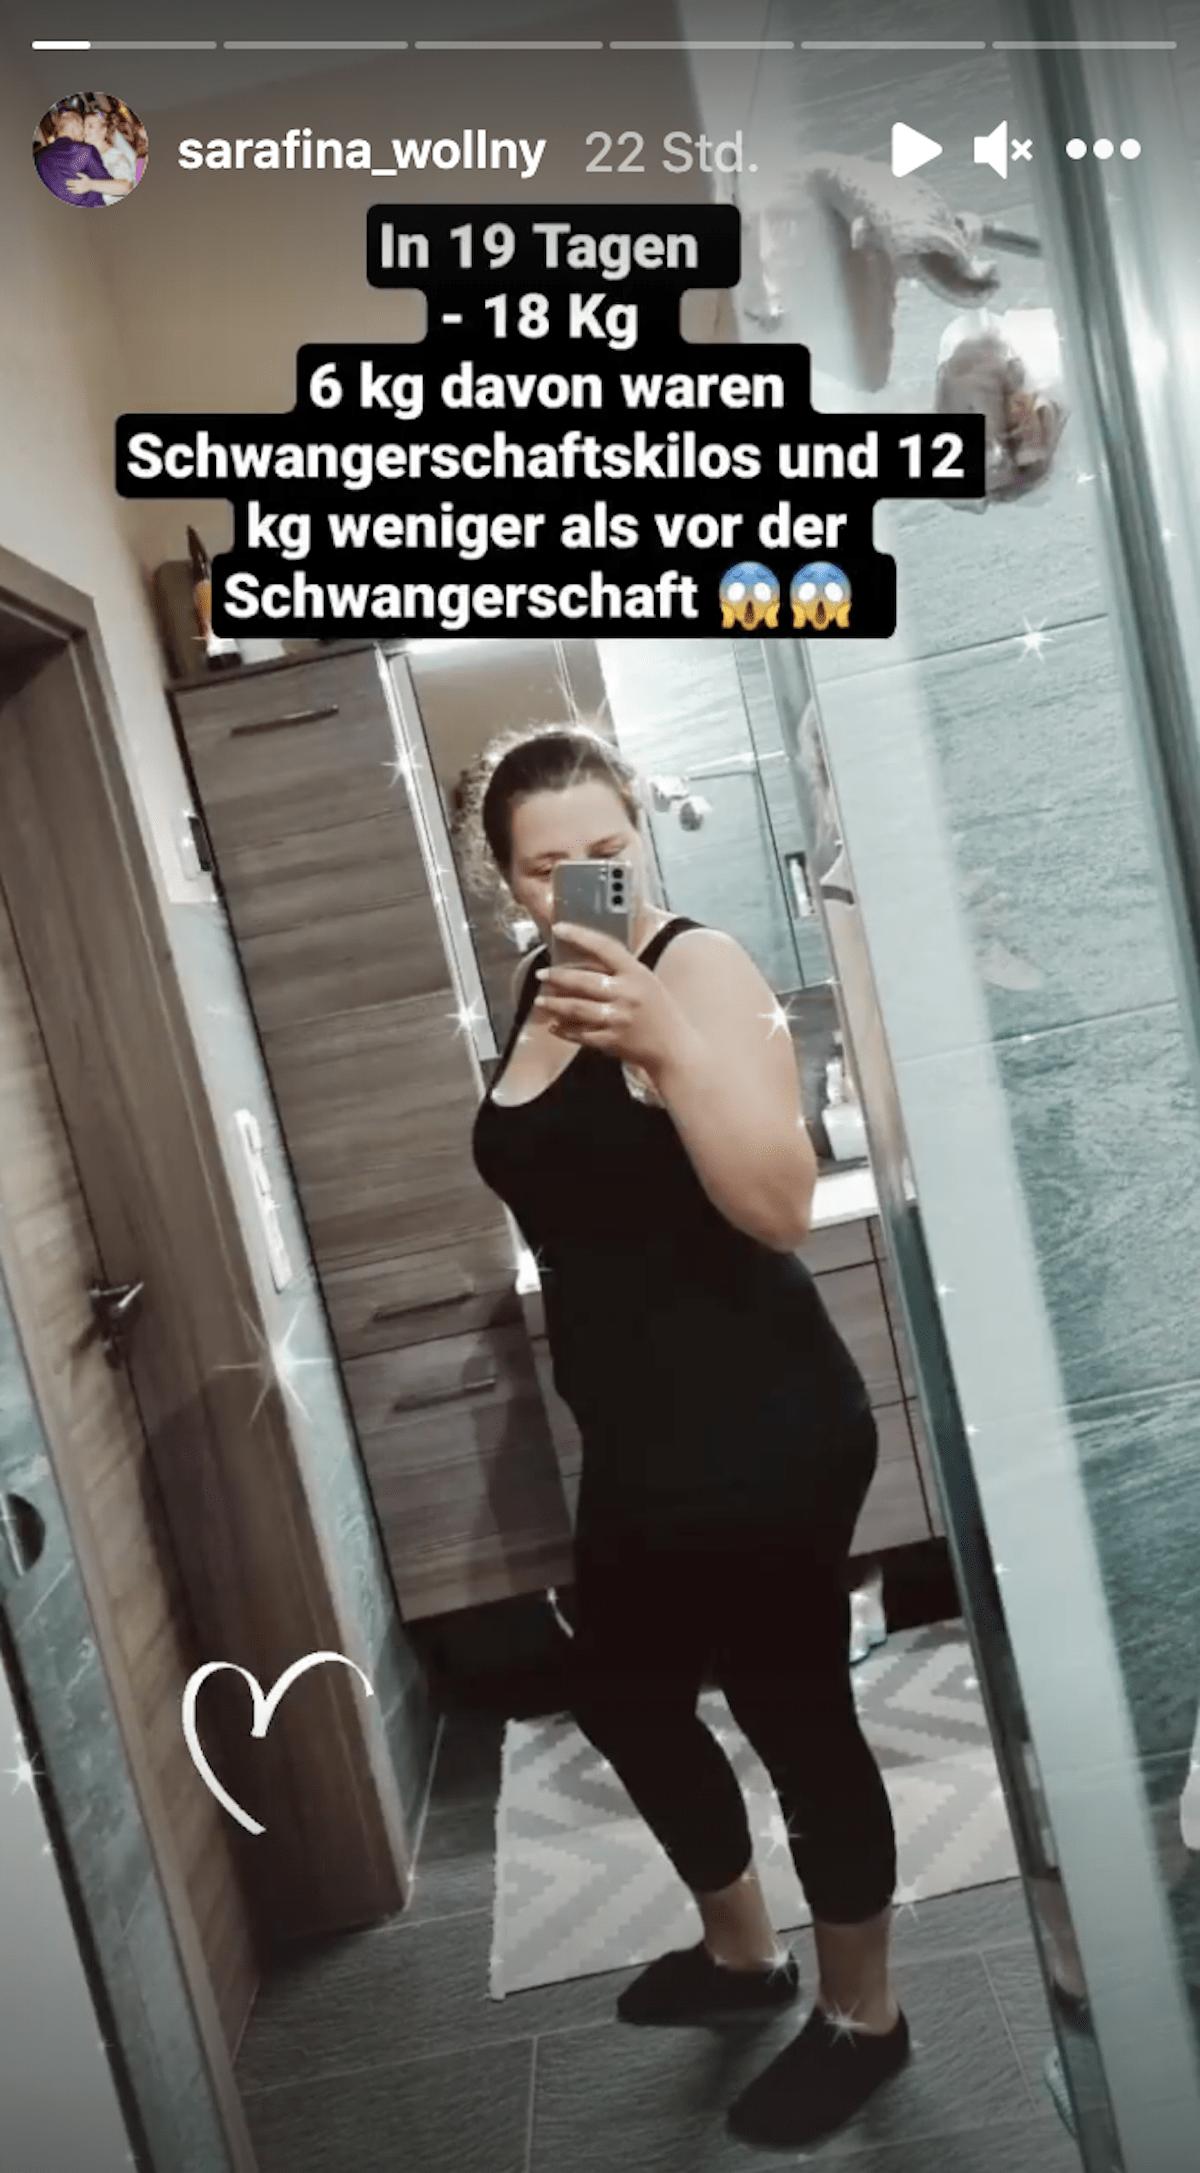 Sarafina Wollny erschlankt: 12 Kilo weniger als vor der Schwangerschaft